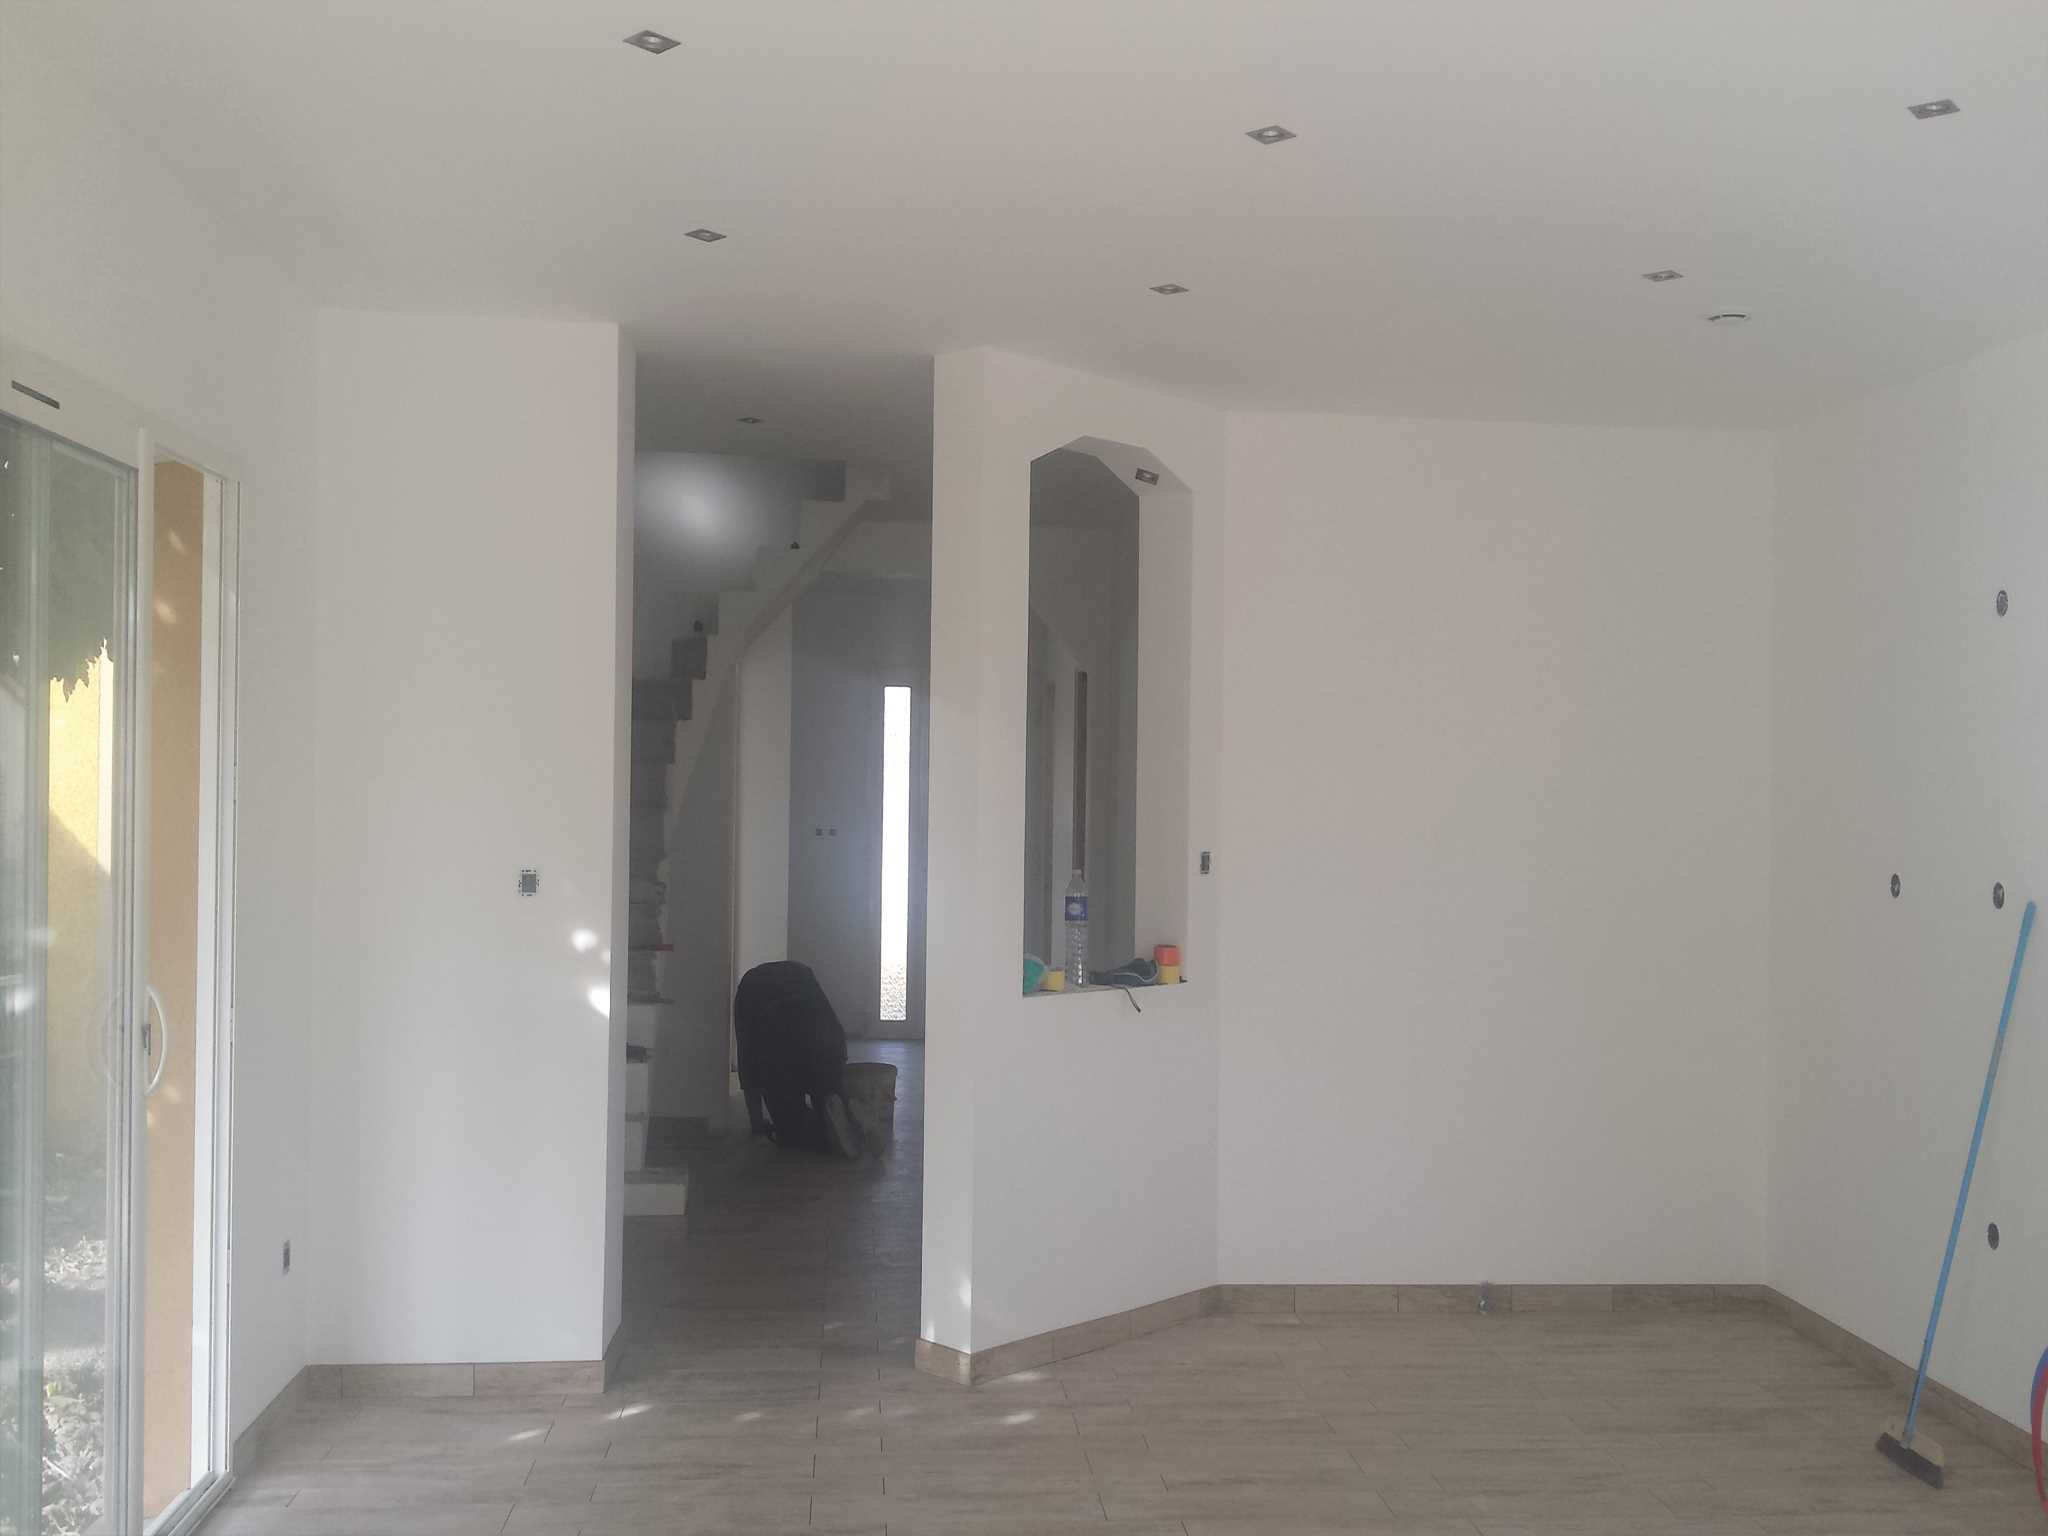 rénovation intérieur-extérieur